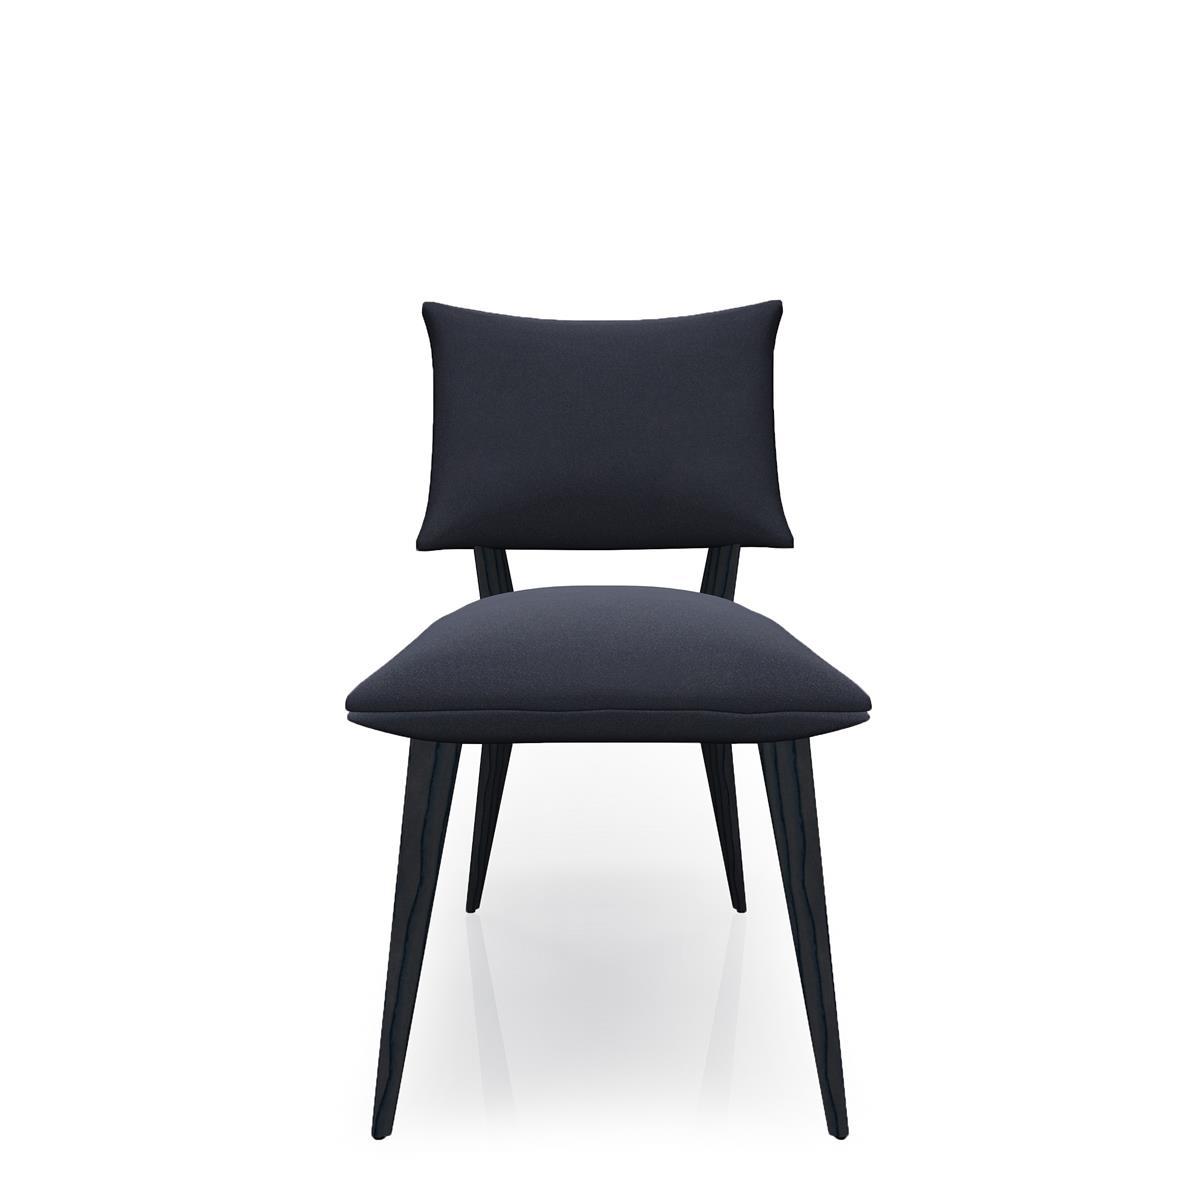 Pillow chair - на 360.ru: цены, описание, характеристики, где купить в Москве.